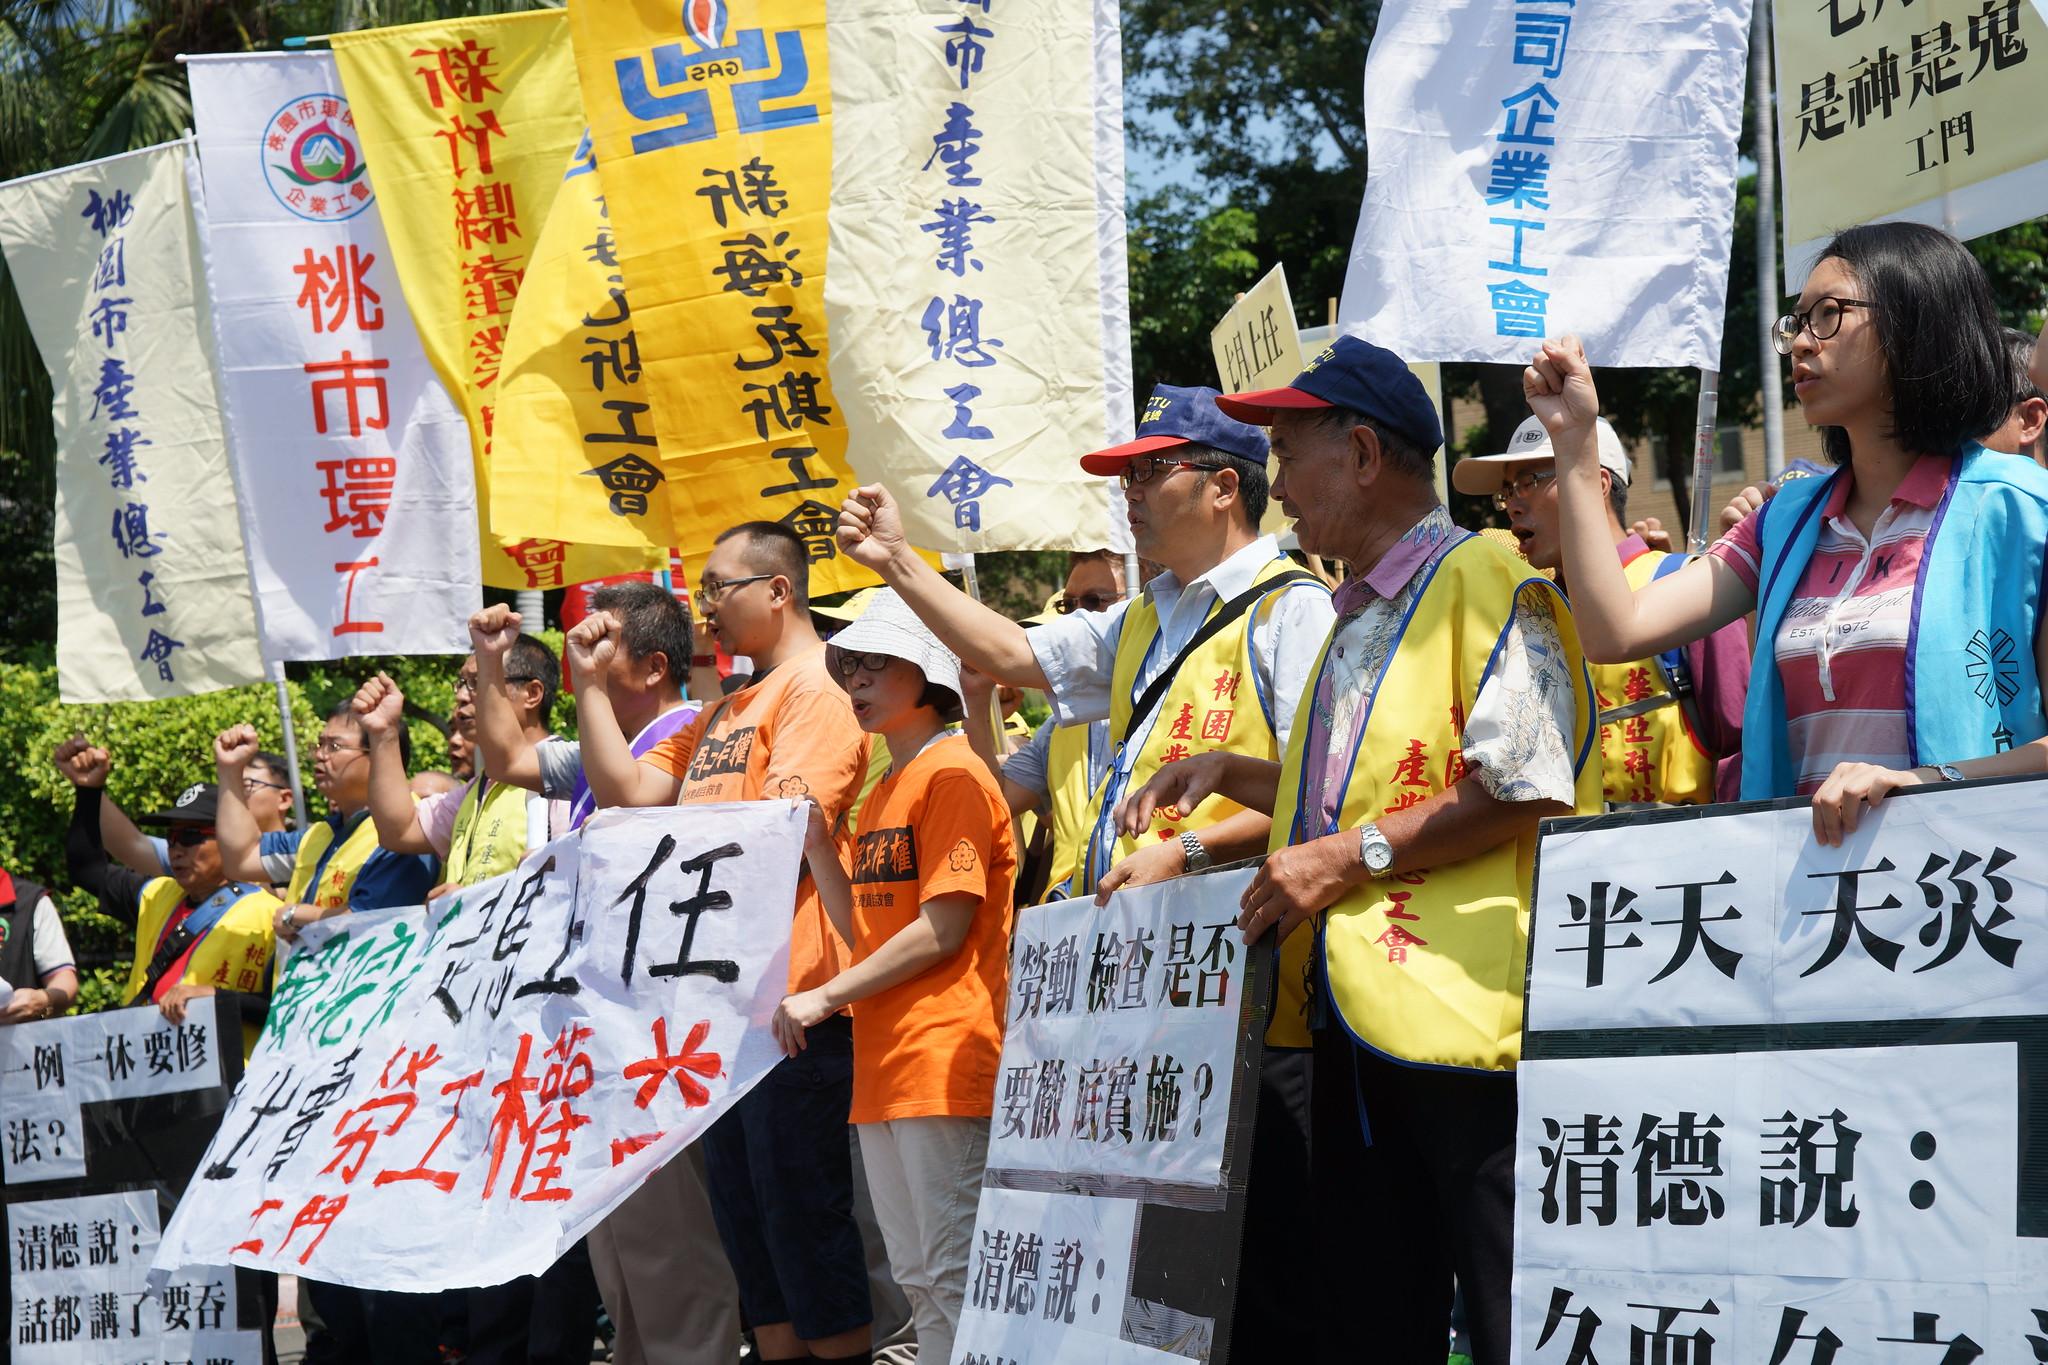 勞團向賴清德喊話,籲勿出賣勞工權益。(攝影:王顥中)